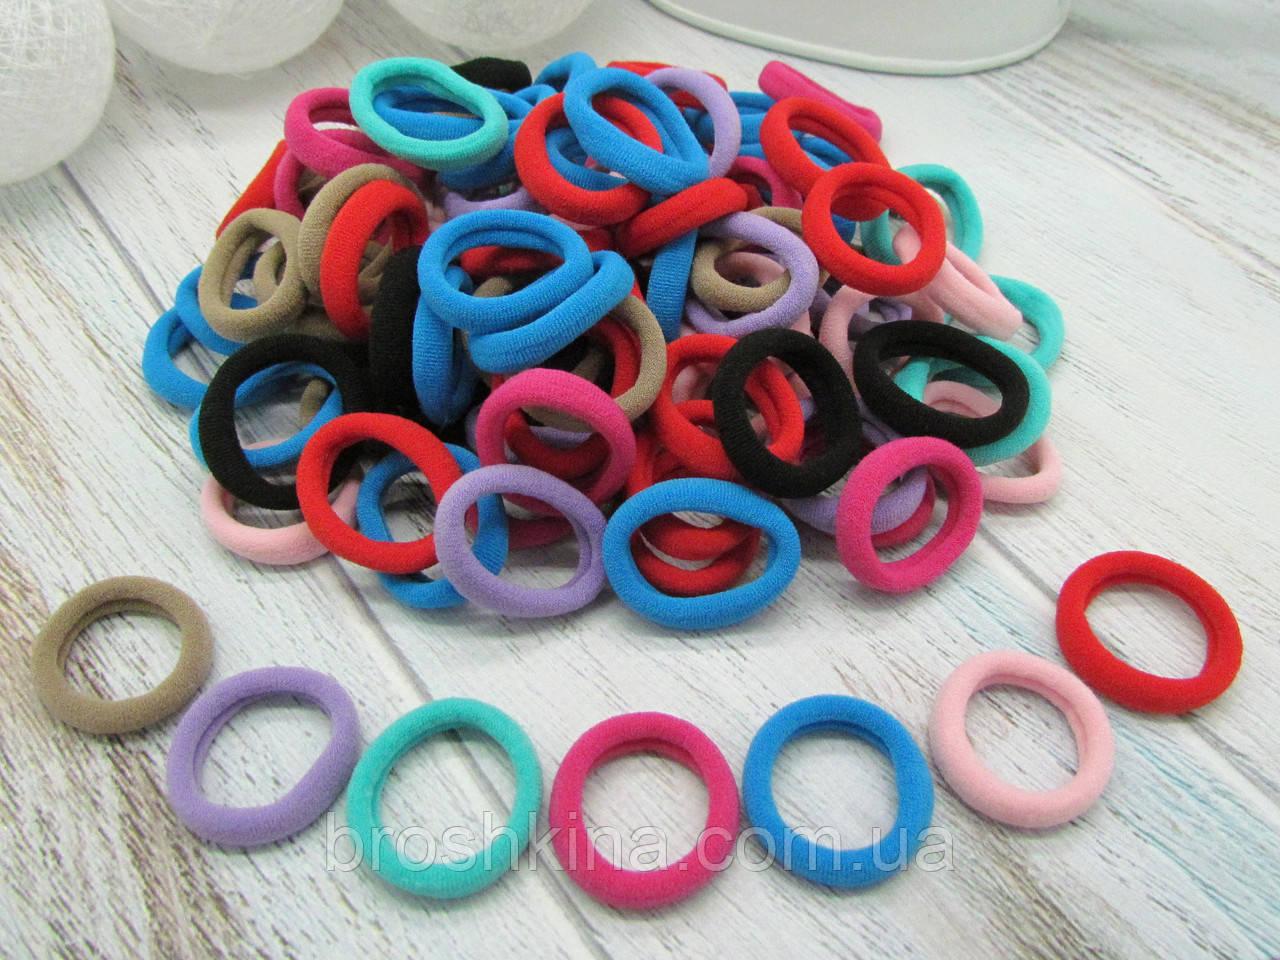 Резинки для волос микрофибра Ø2.5 см цветные 100 шт/уп